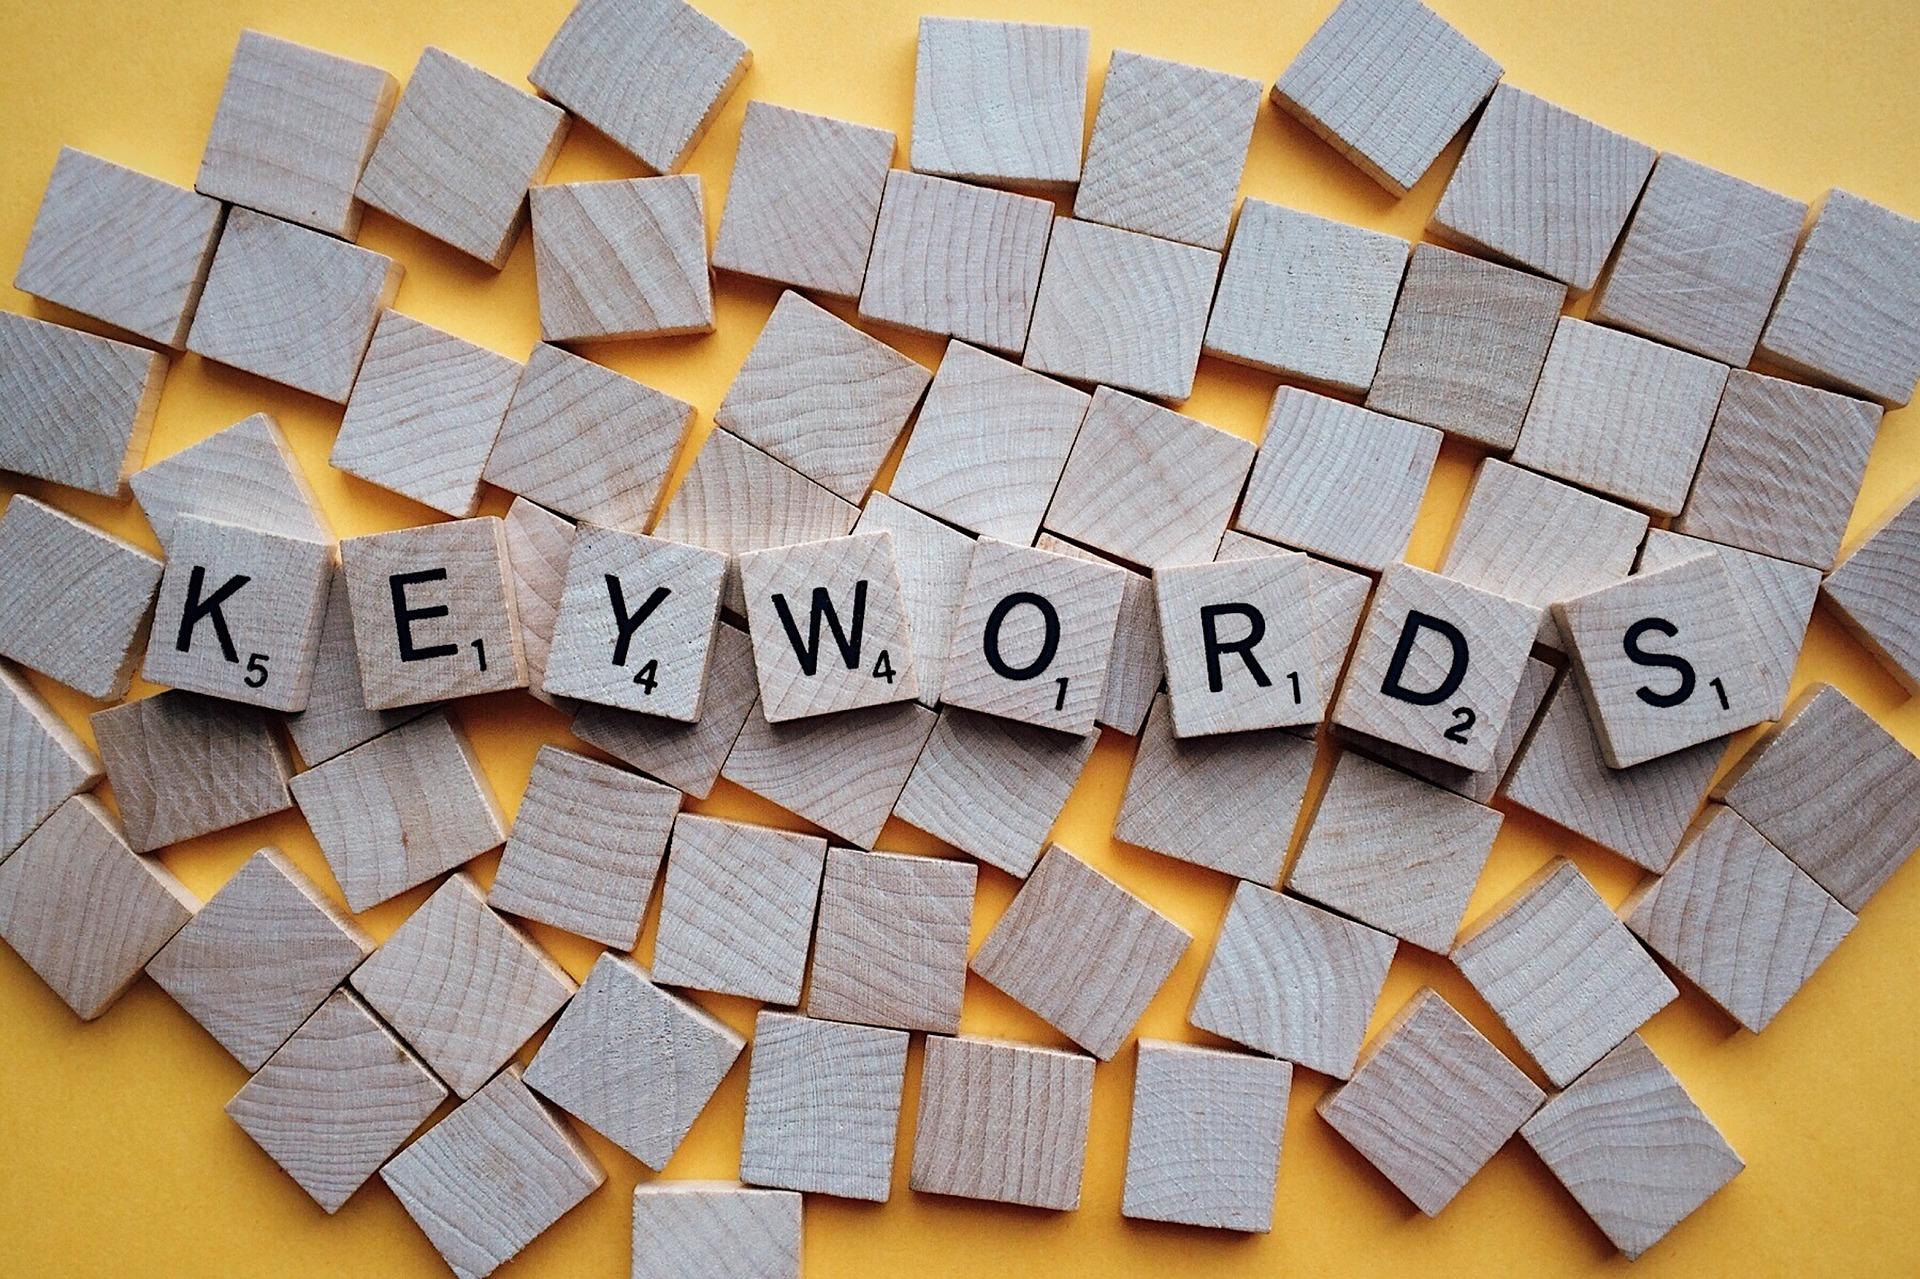 Comment ajouter des mots clés pour la rédaction d'un texte destiné au référencement SEO?